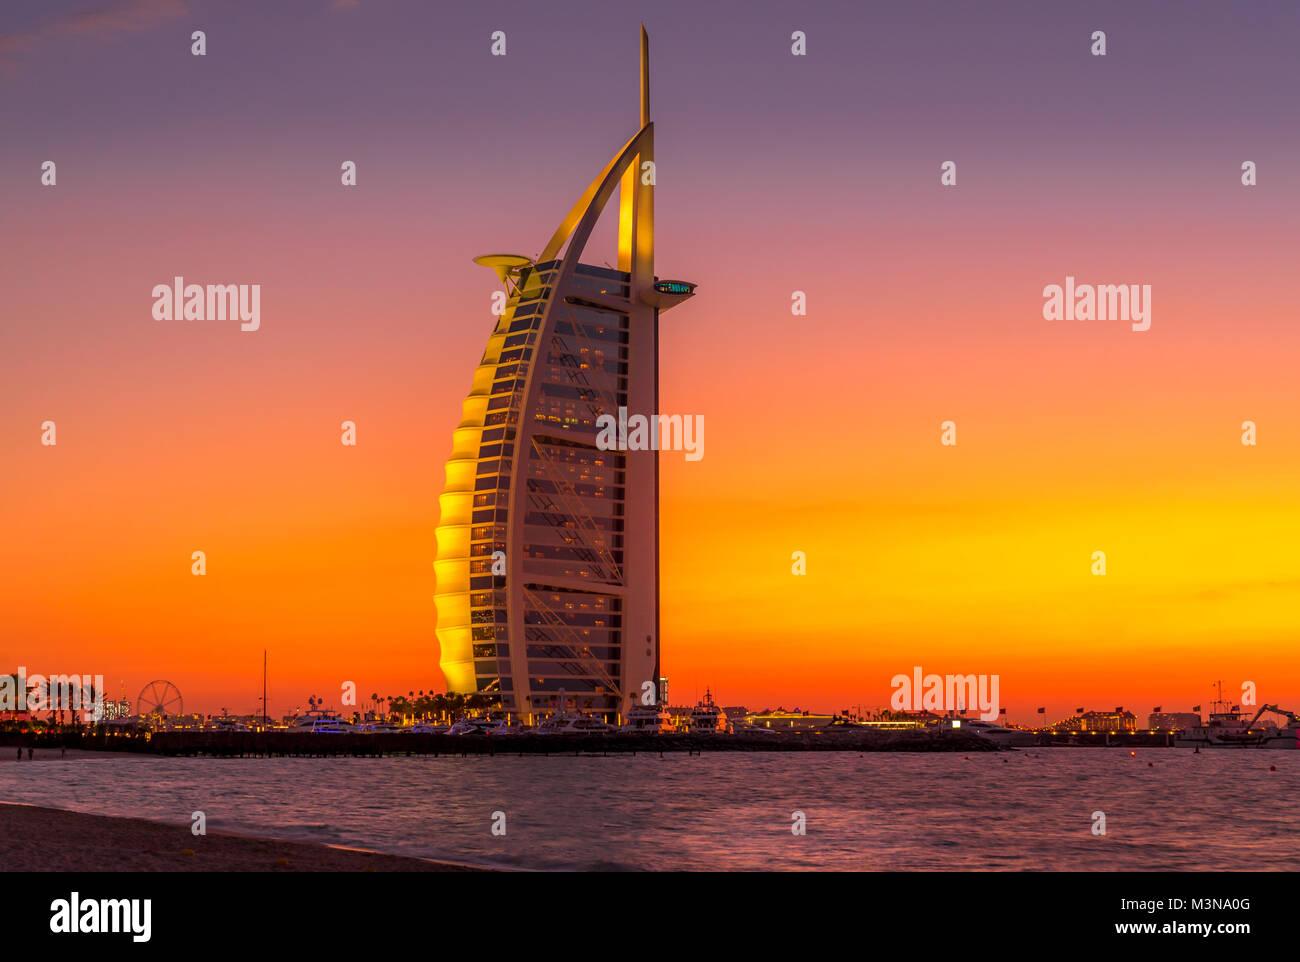 Vista de la puesta de sol de Burj Al Arab, el hotel de la playa de Jumeirah en Dubai, Emiratos Árabes Unidos. Imagen De Stock